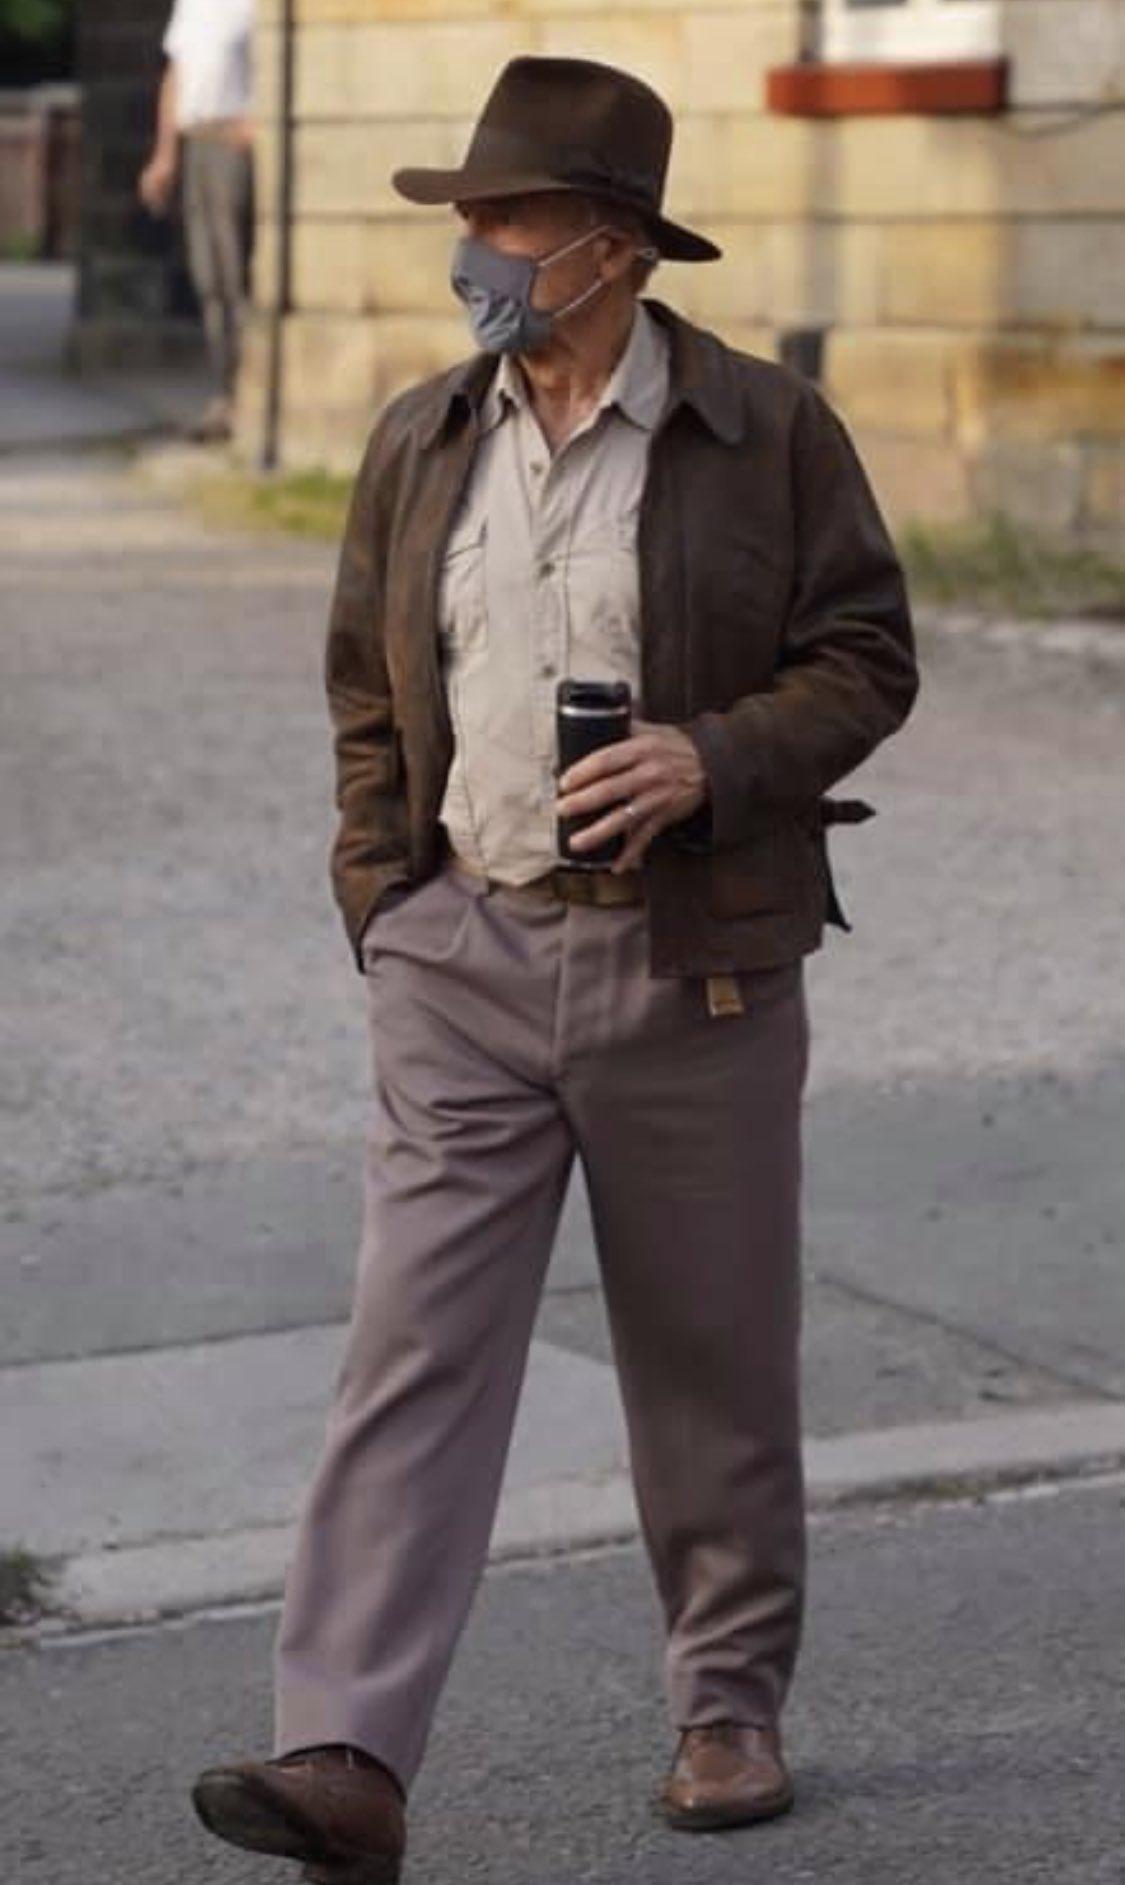 Появились первые фото 78-летнего Харрисона Форда в образе Индианы Джонса для нового фильма